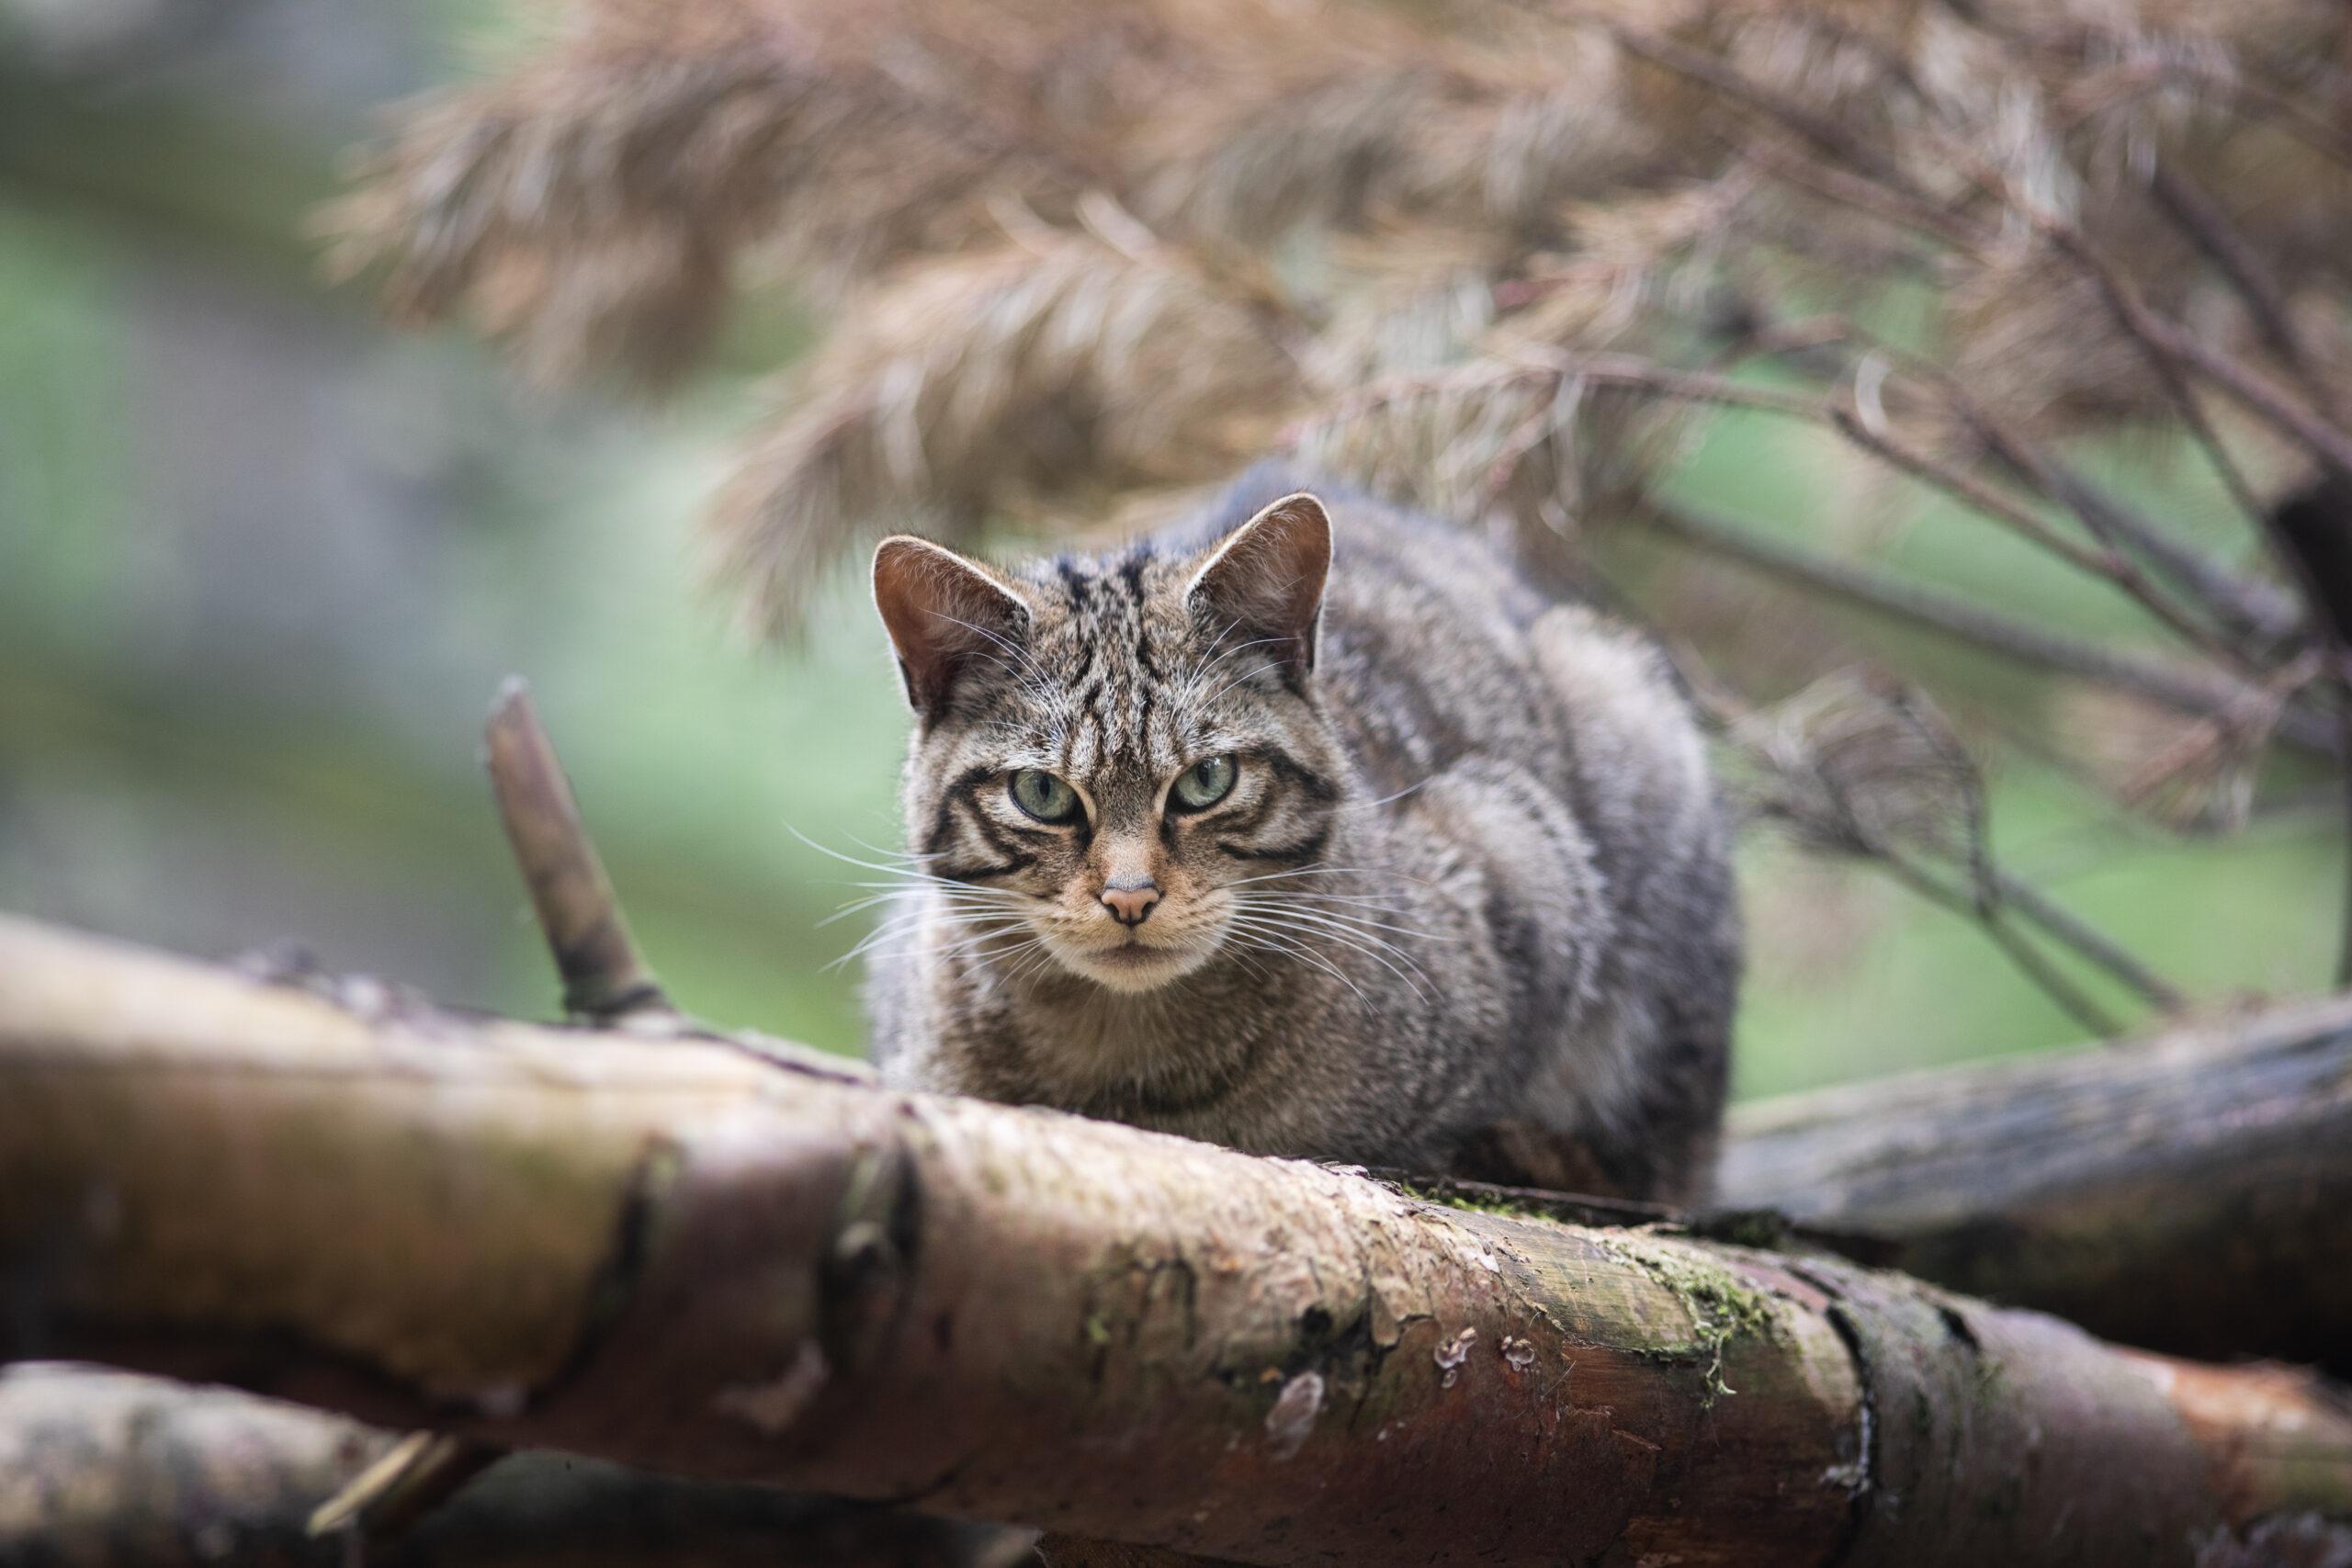 De 'Highland Tiger', het icoon van de Schotse Hooglanden, dreigt verloren te gaan. Maar er is nog hoop voor de wilde kat (National Geographic)